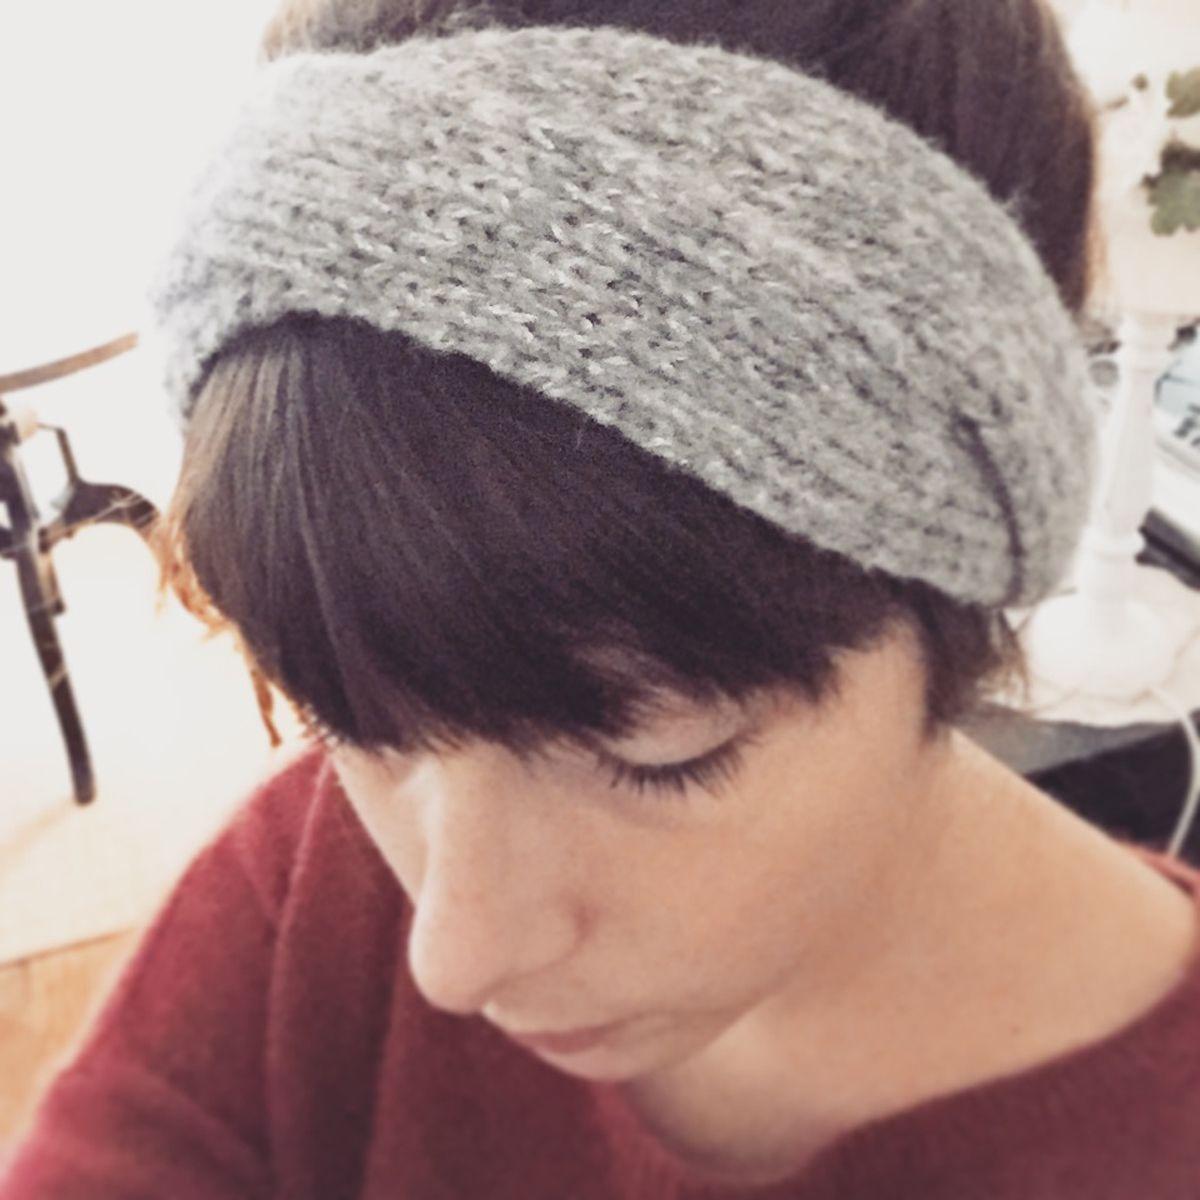 modele de bandeau a tricoter